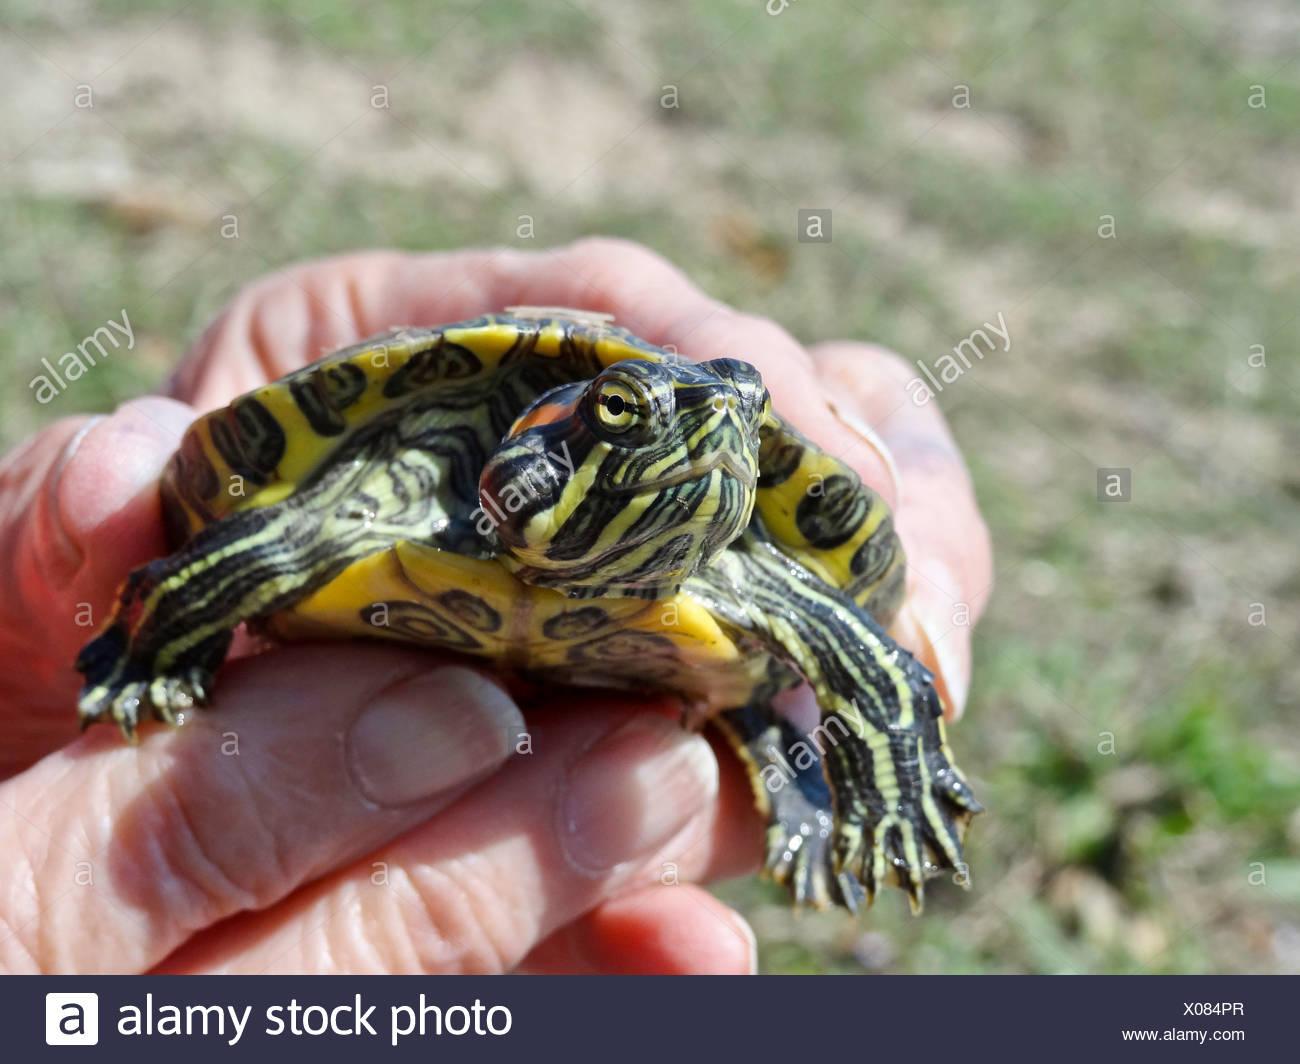 De orejas rojas, reptiles, tortugas acuáticas de Texas, log, pantano, Trachemys scripta elegans, baby, juvenil, tortuga Imagen De Stock